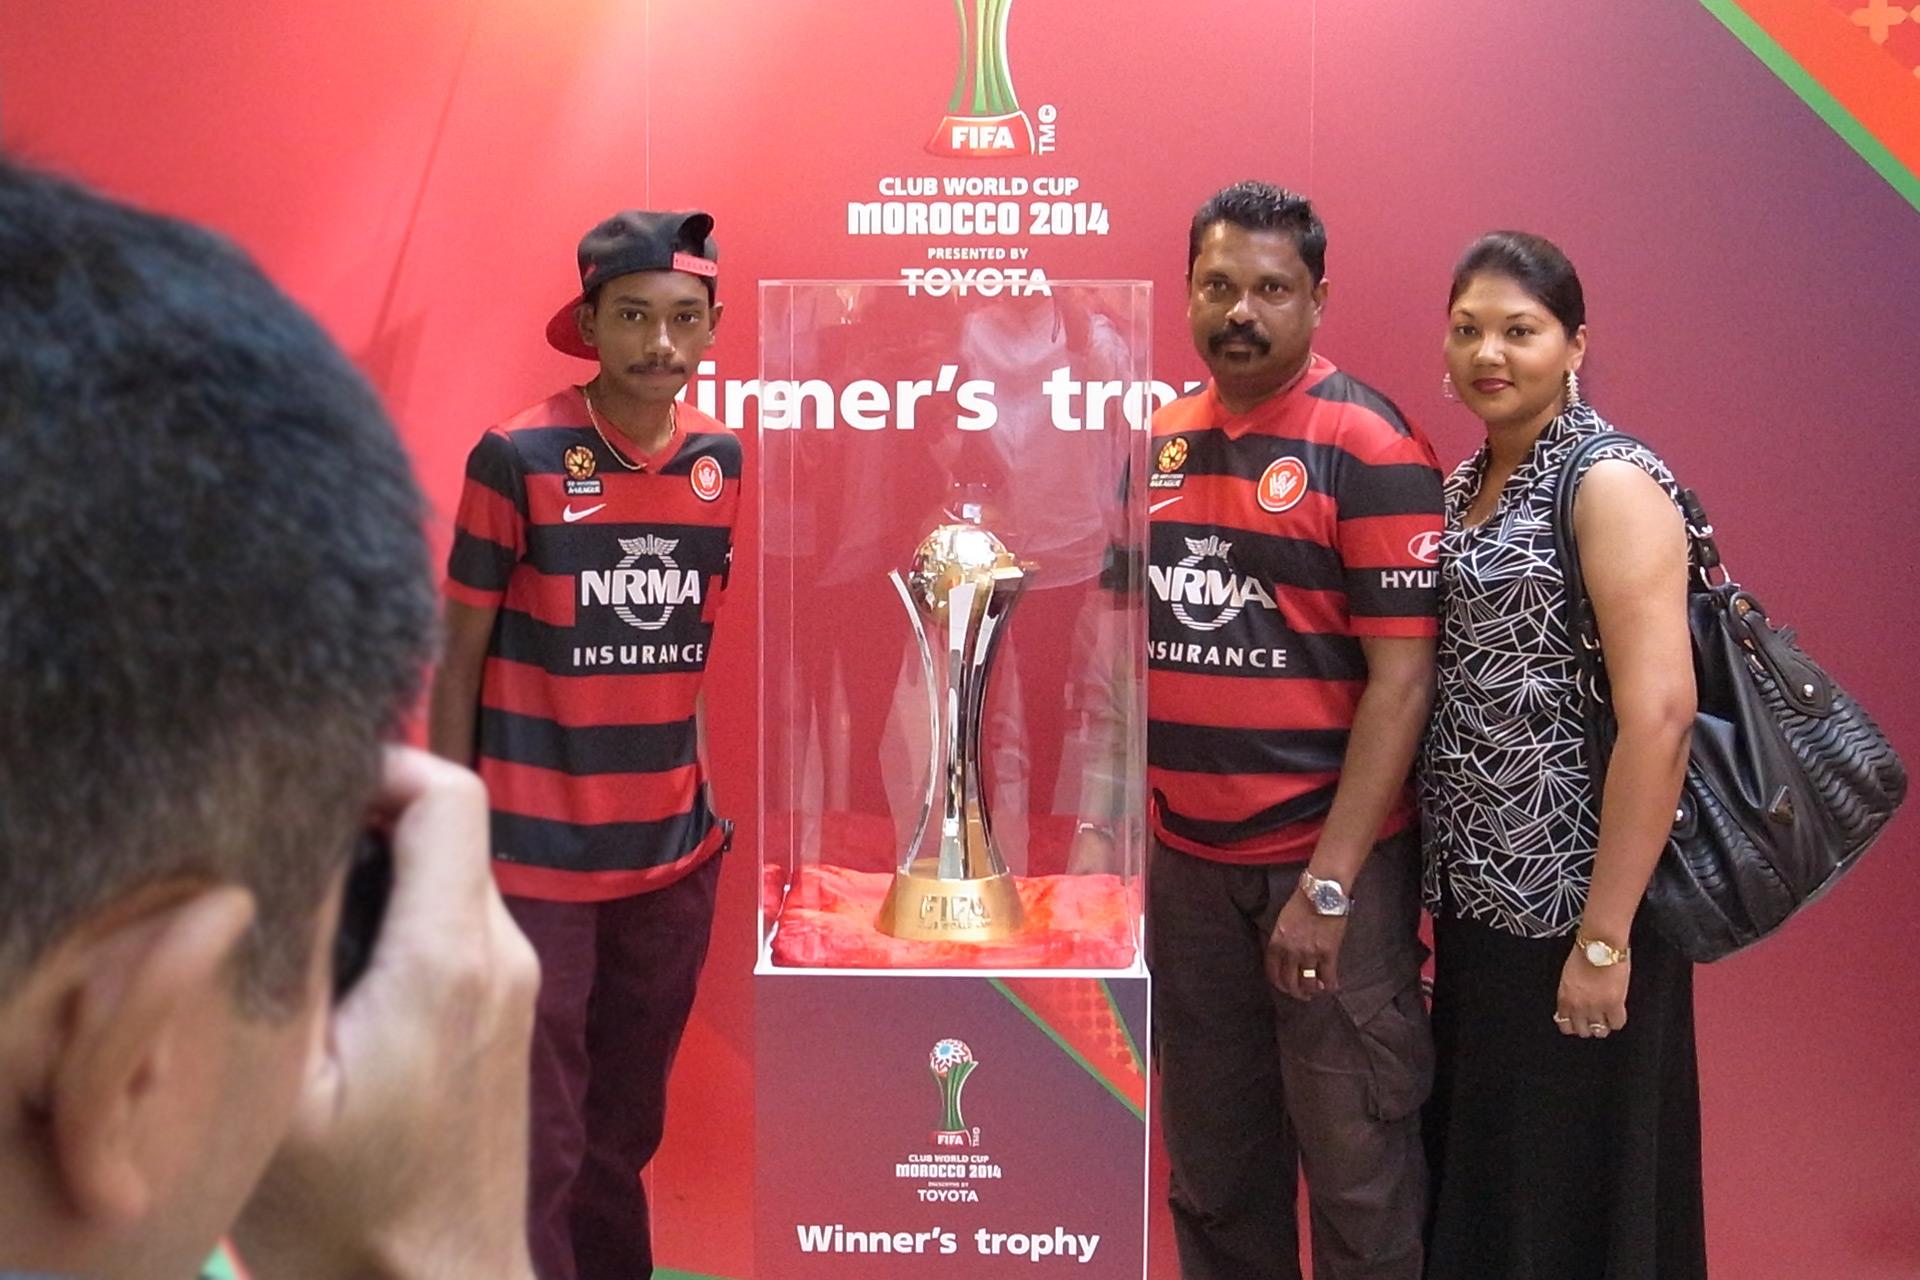 trophy-fan-2.jpg